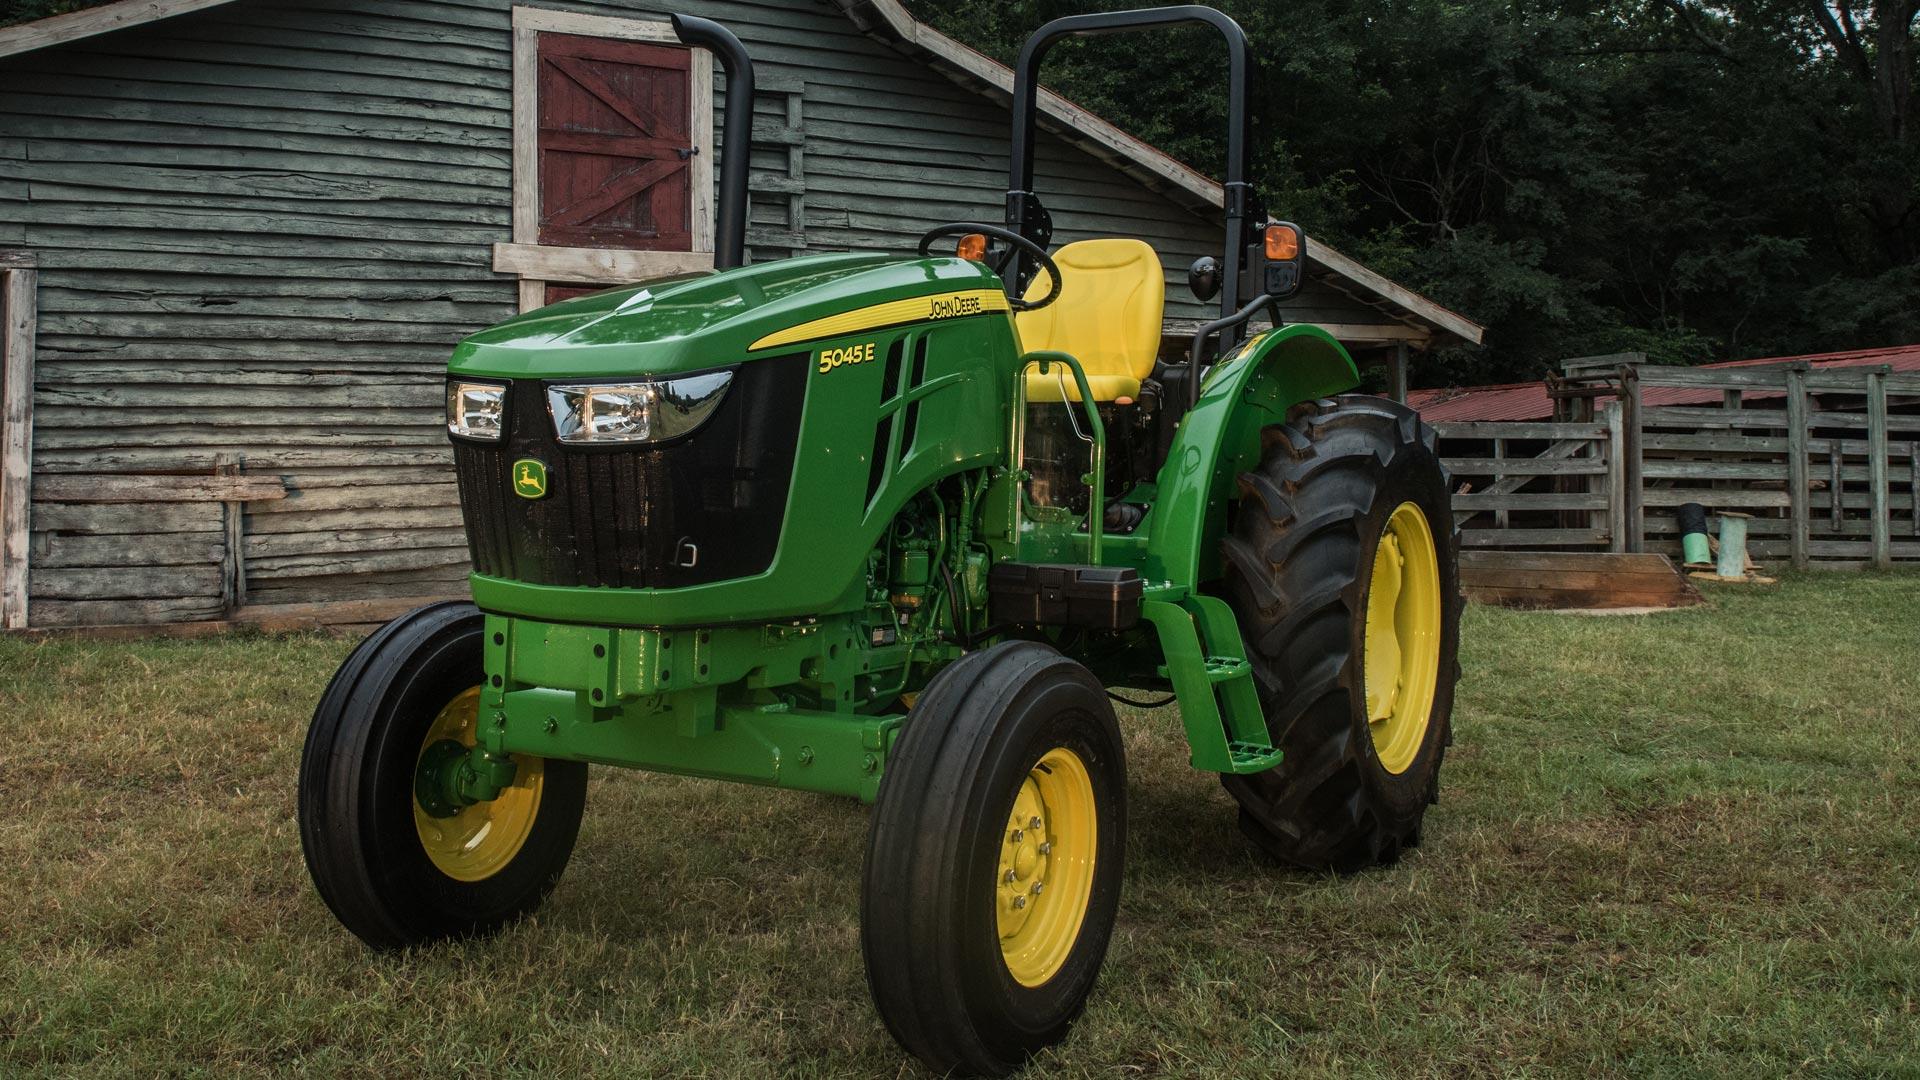 5e-tractor-r4g041273-1920x1080